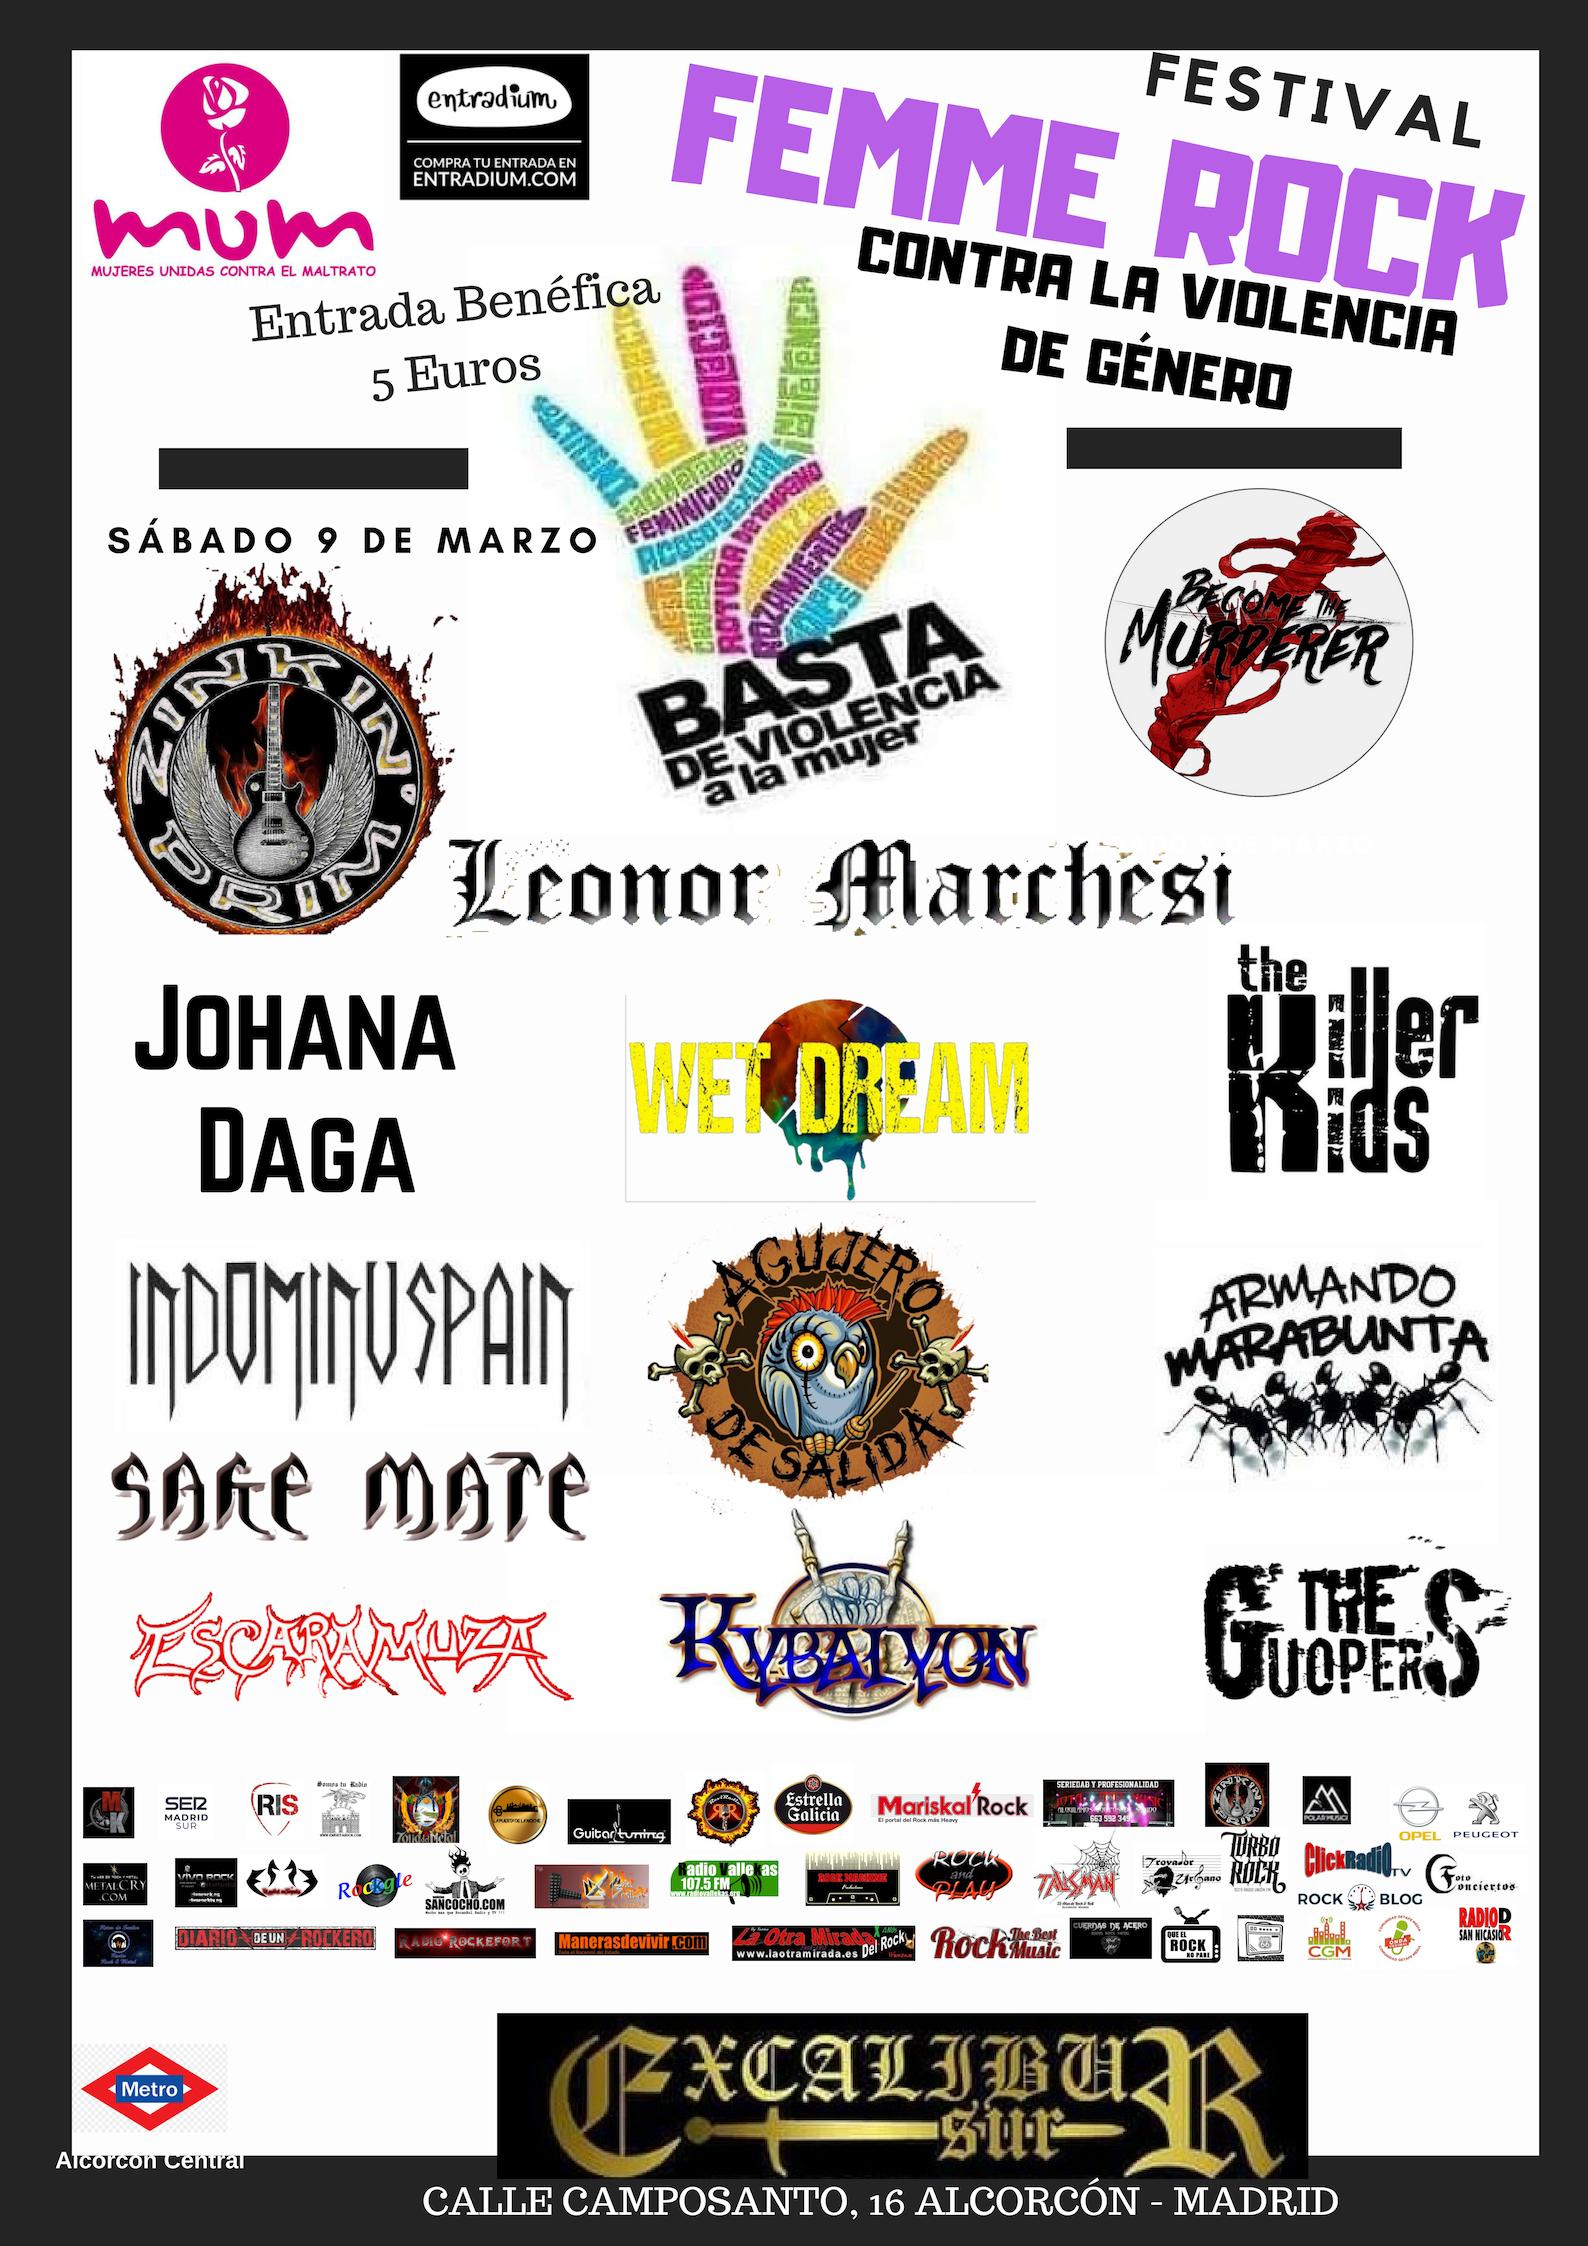 Festival Femme Rock - Sábado 9 de marzo.